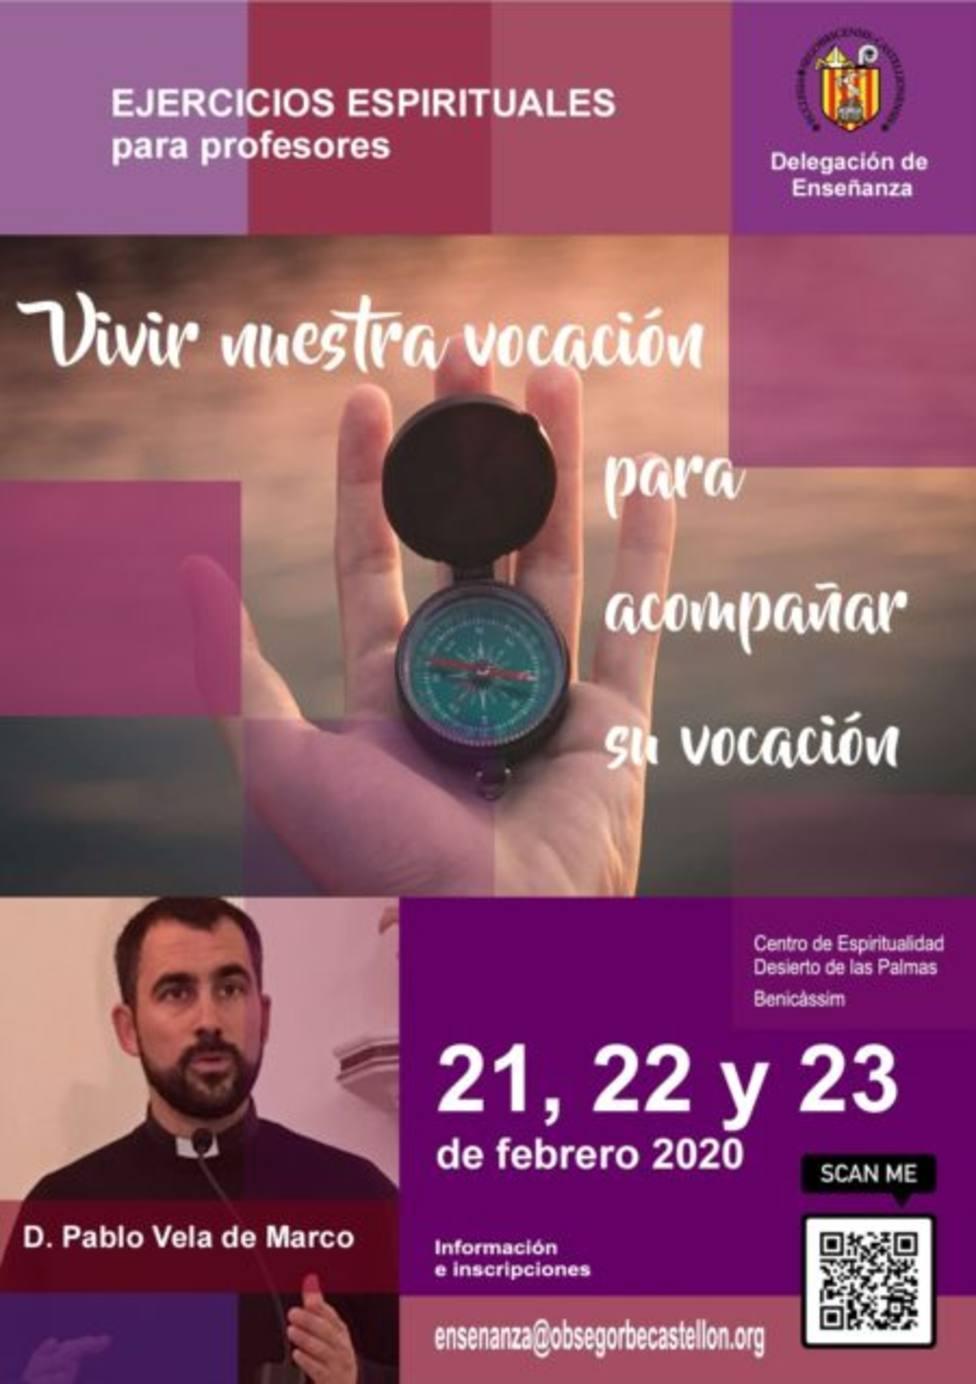 Fin de semana de ejercicios espirituales para profesores